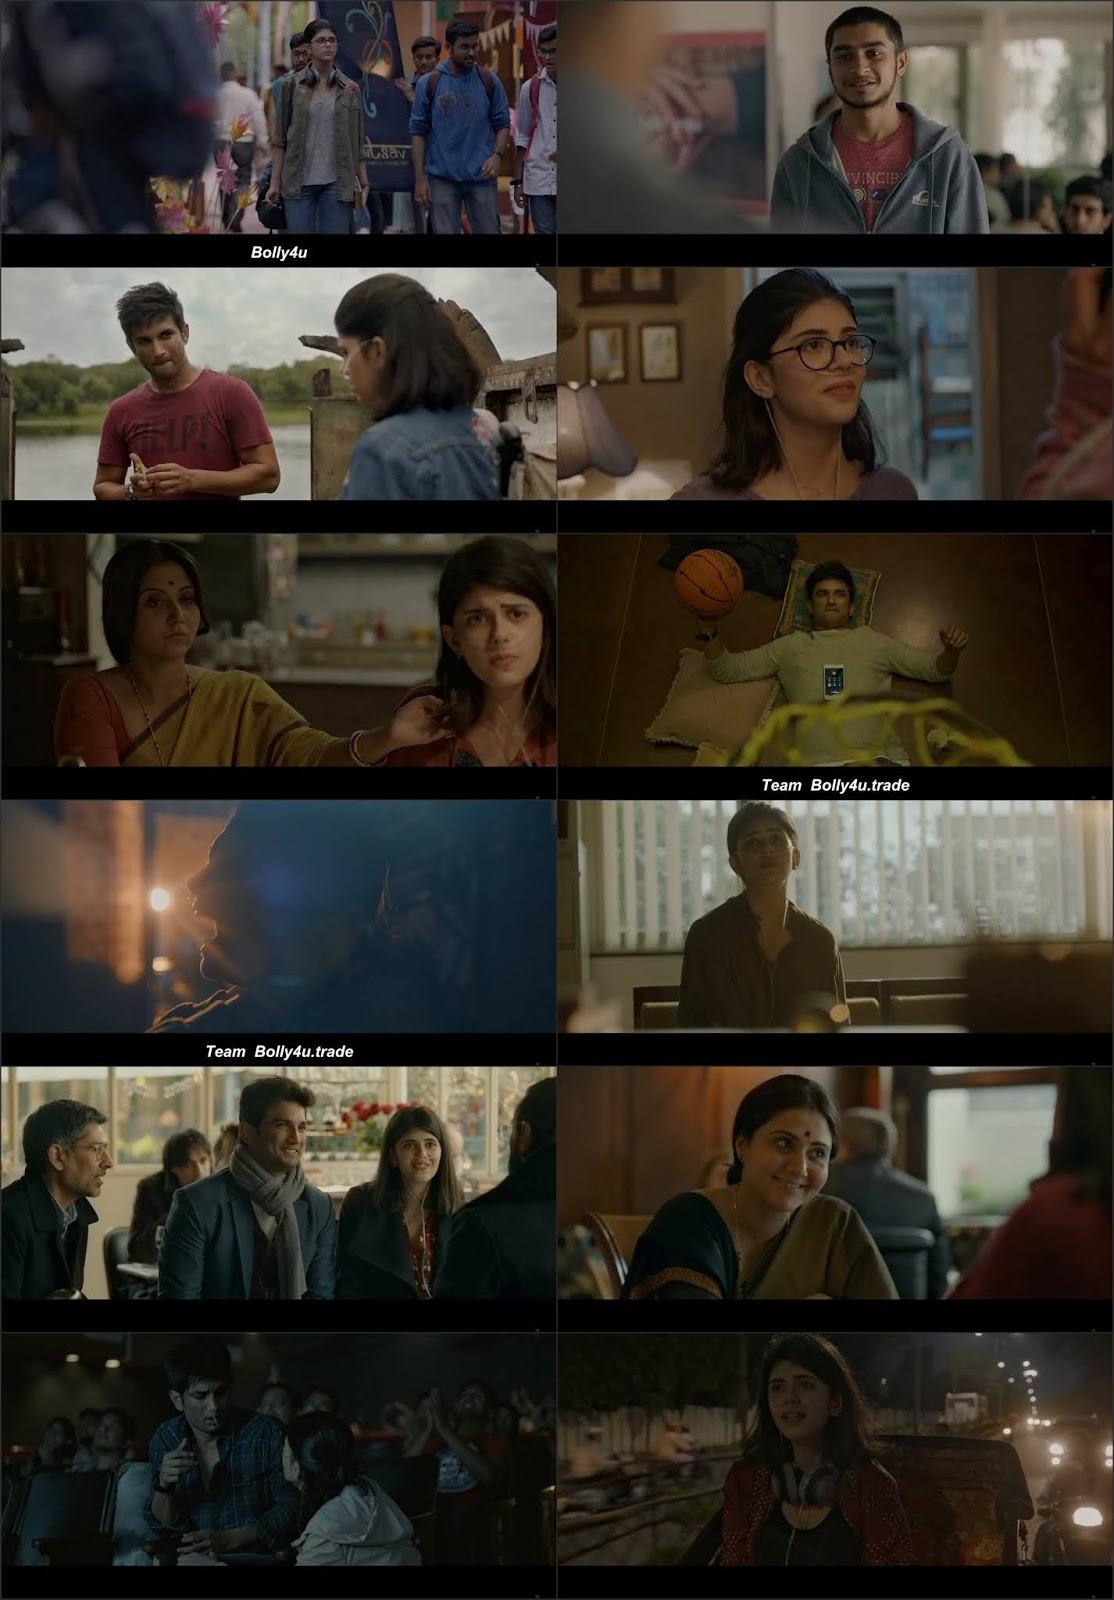 Dil Bechara 2020 WEB-DL 700Mb Hindi Movie Download 720p